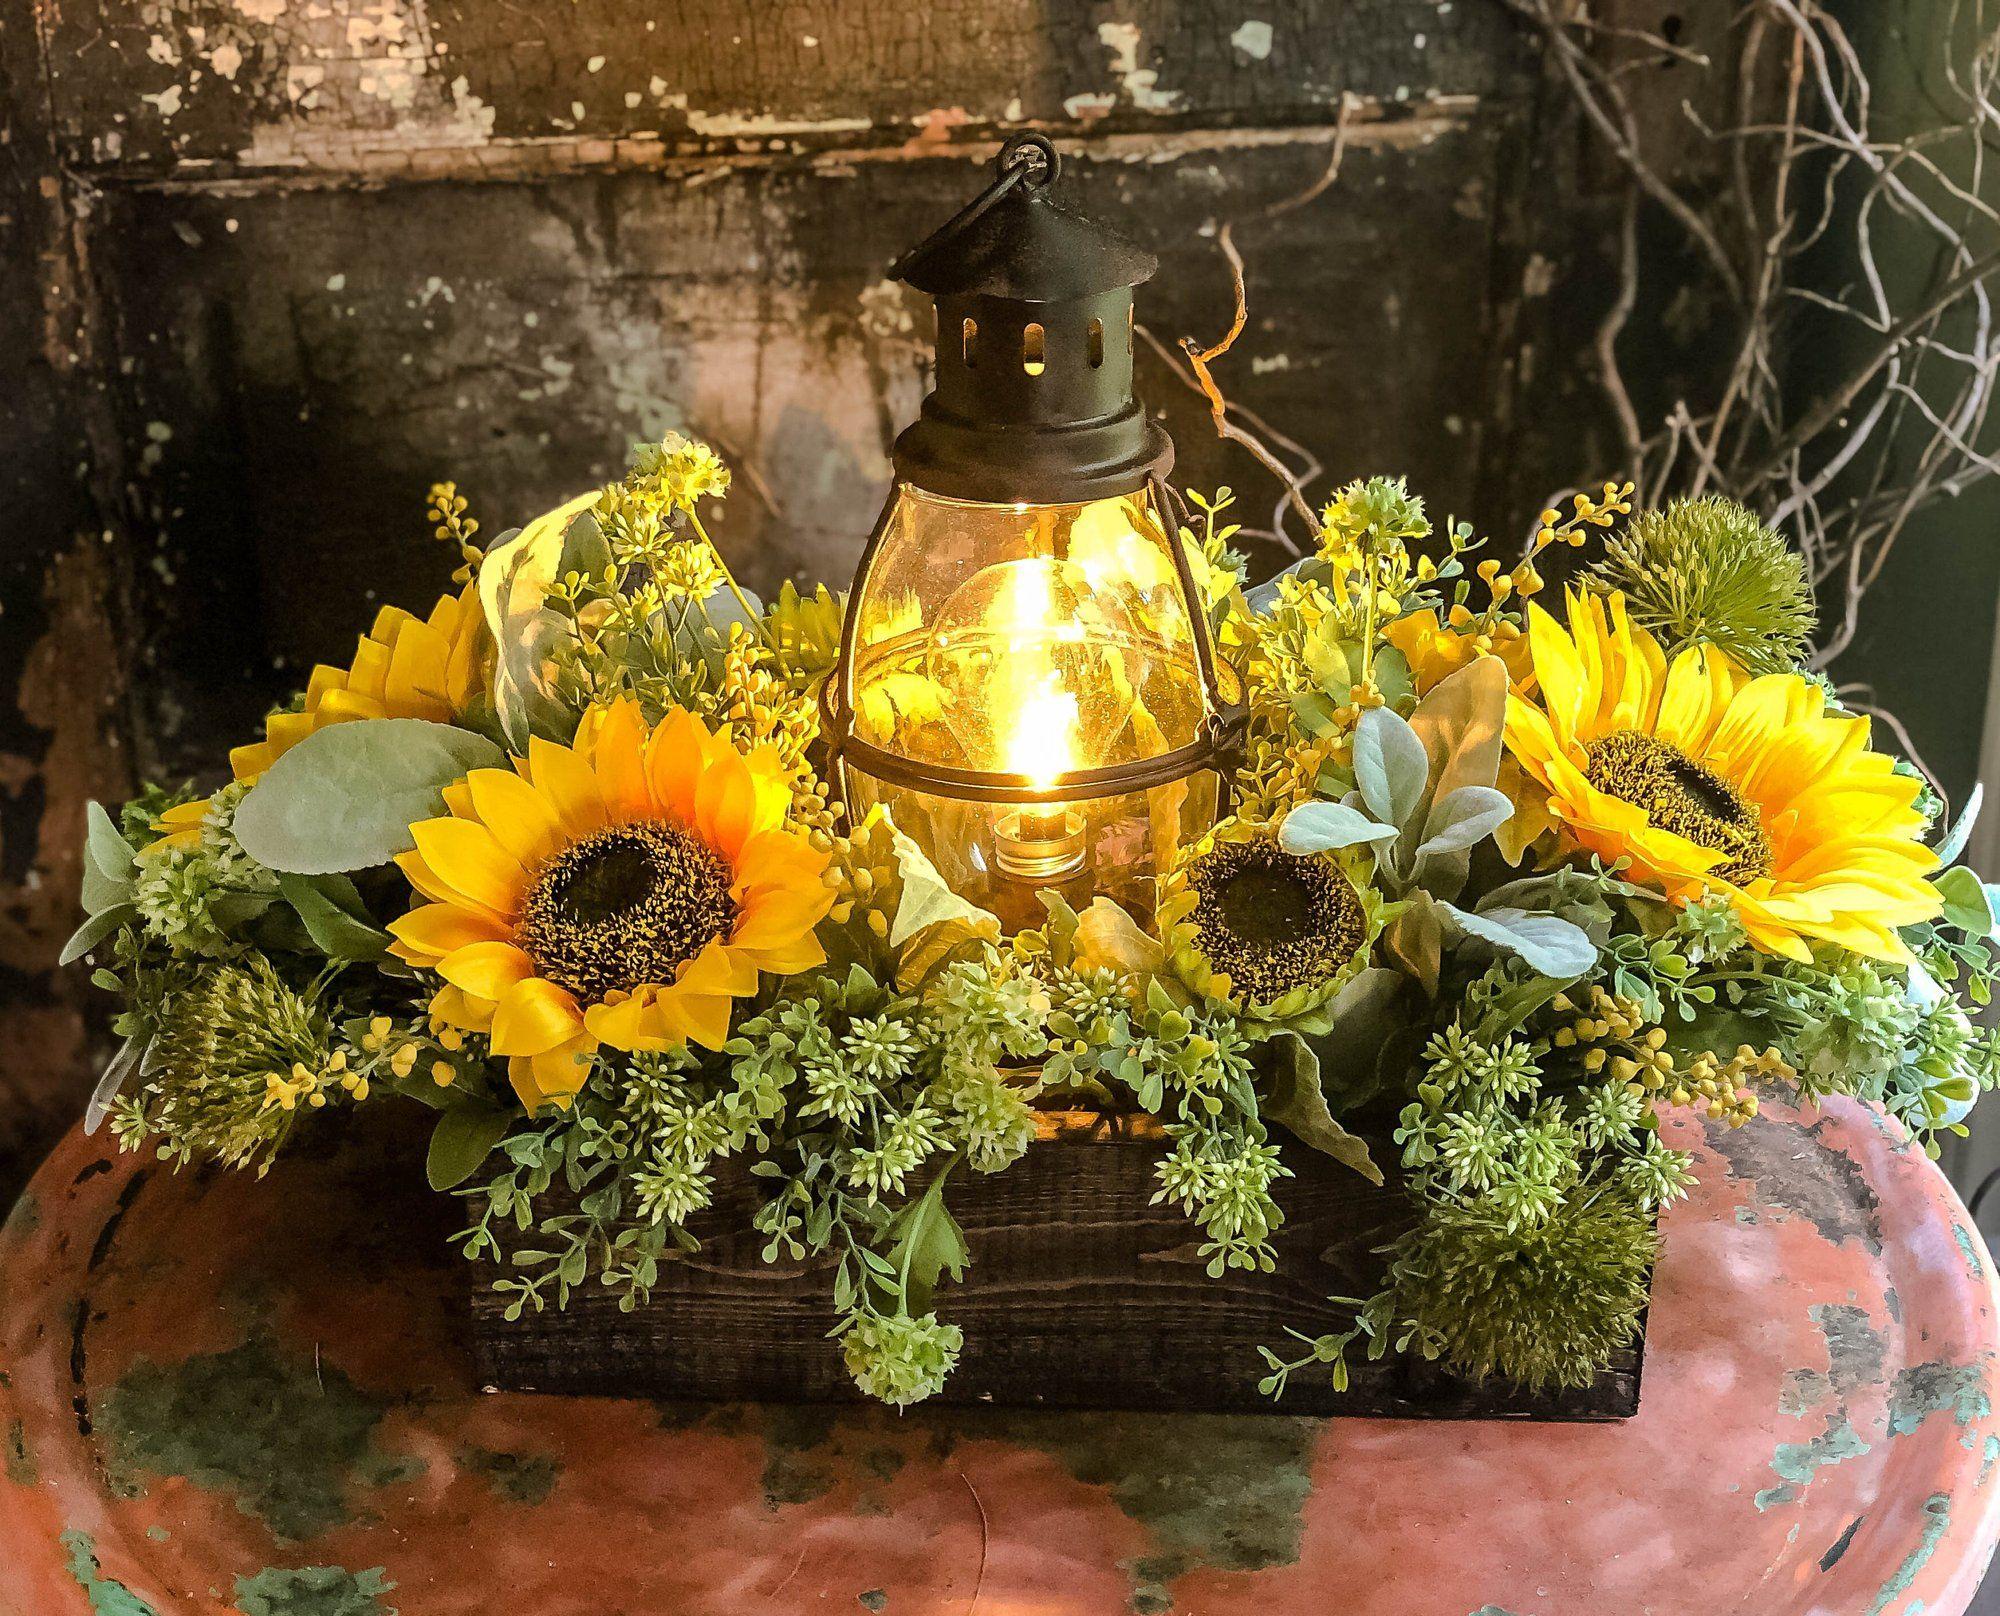 The Marigold Rustic XL Summer Sunflower Centerpiece